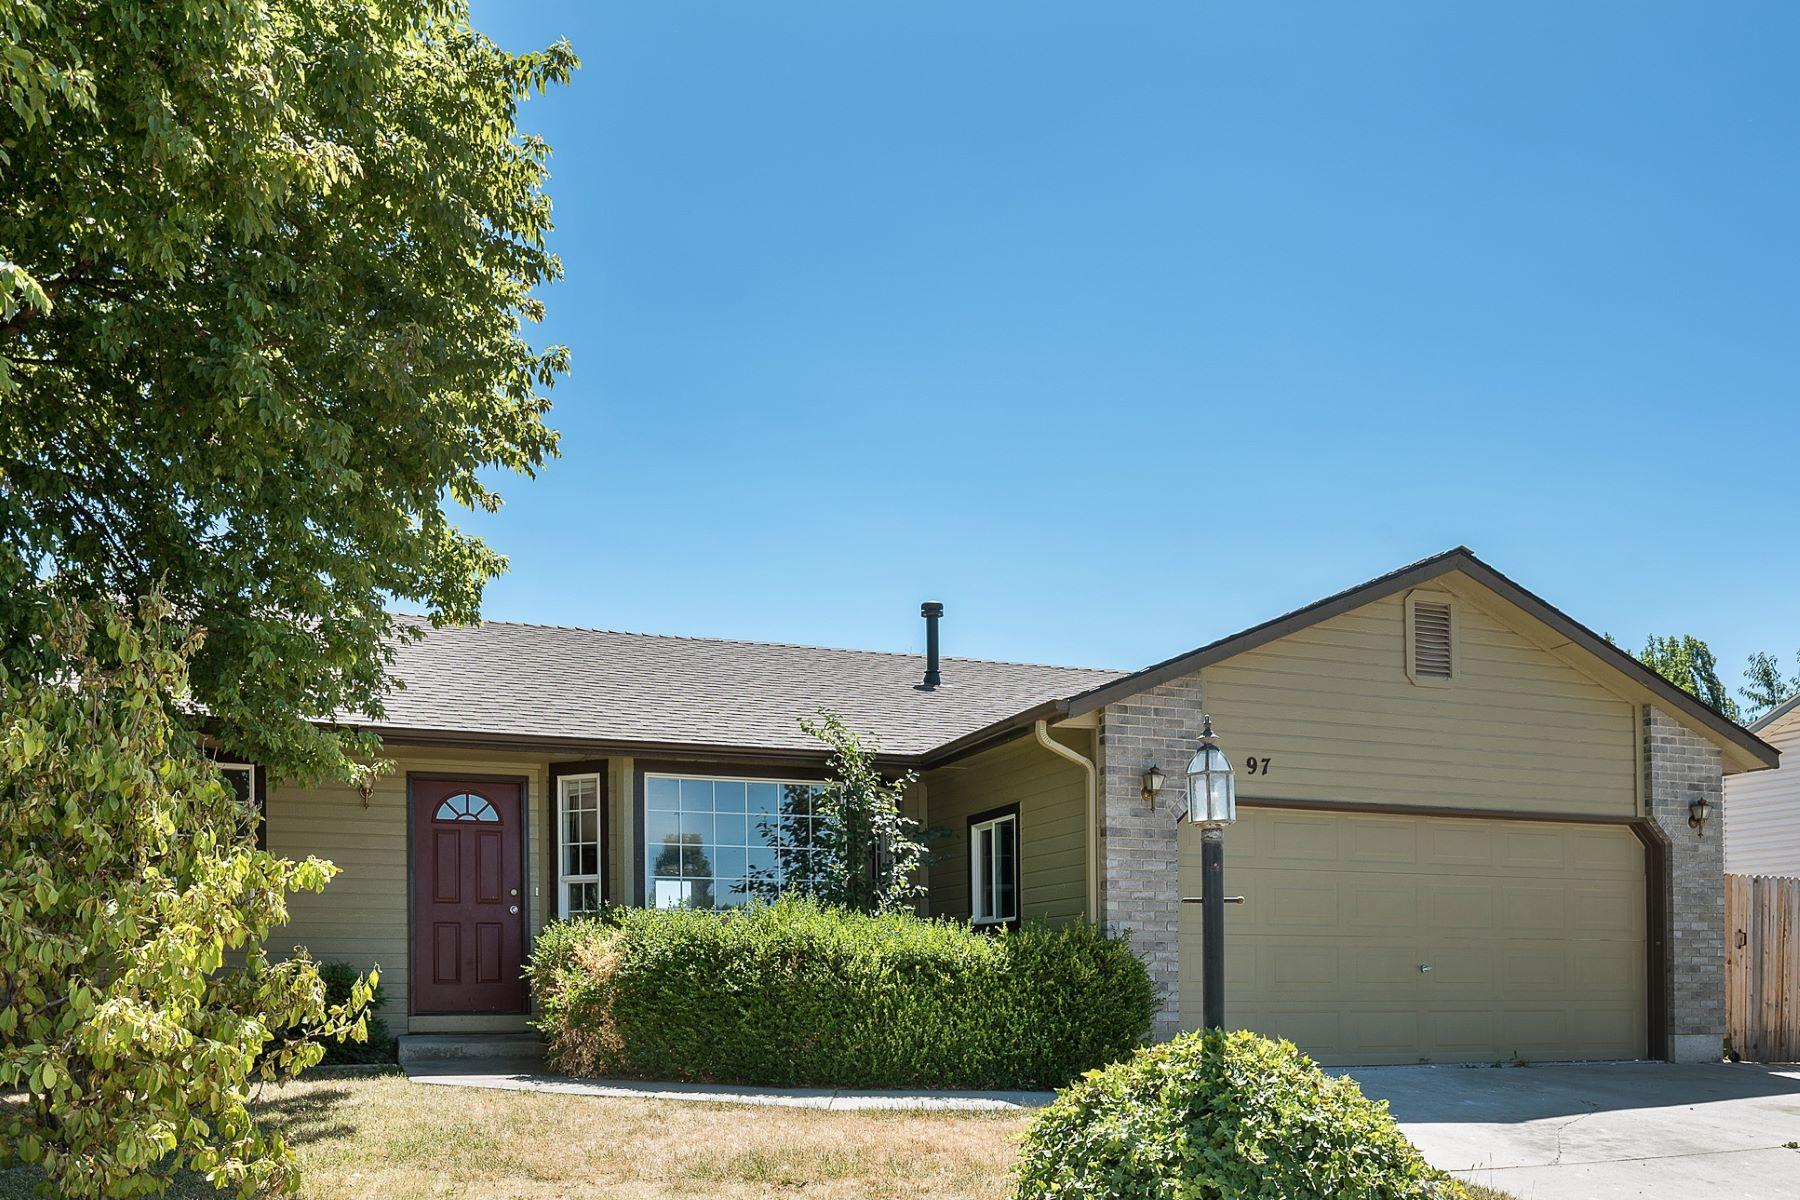 一戸建て のために 売買 アット 97 Woodbury Drive, Meridian 97 W Woodbury Dr Meridian, アイダホ, 83646 アメリカ合衆国